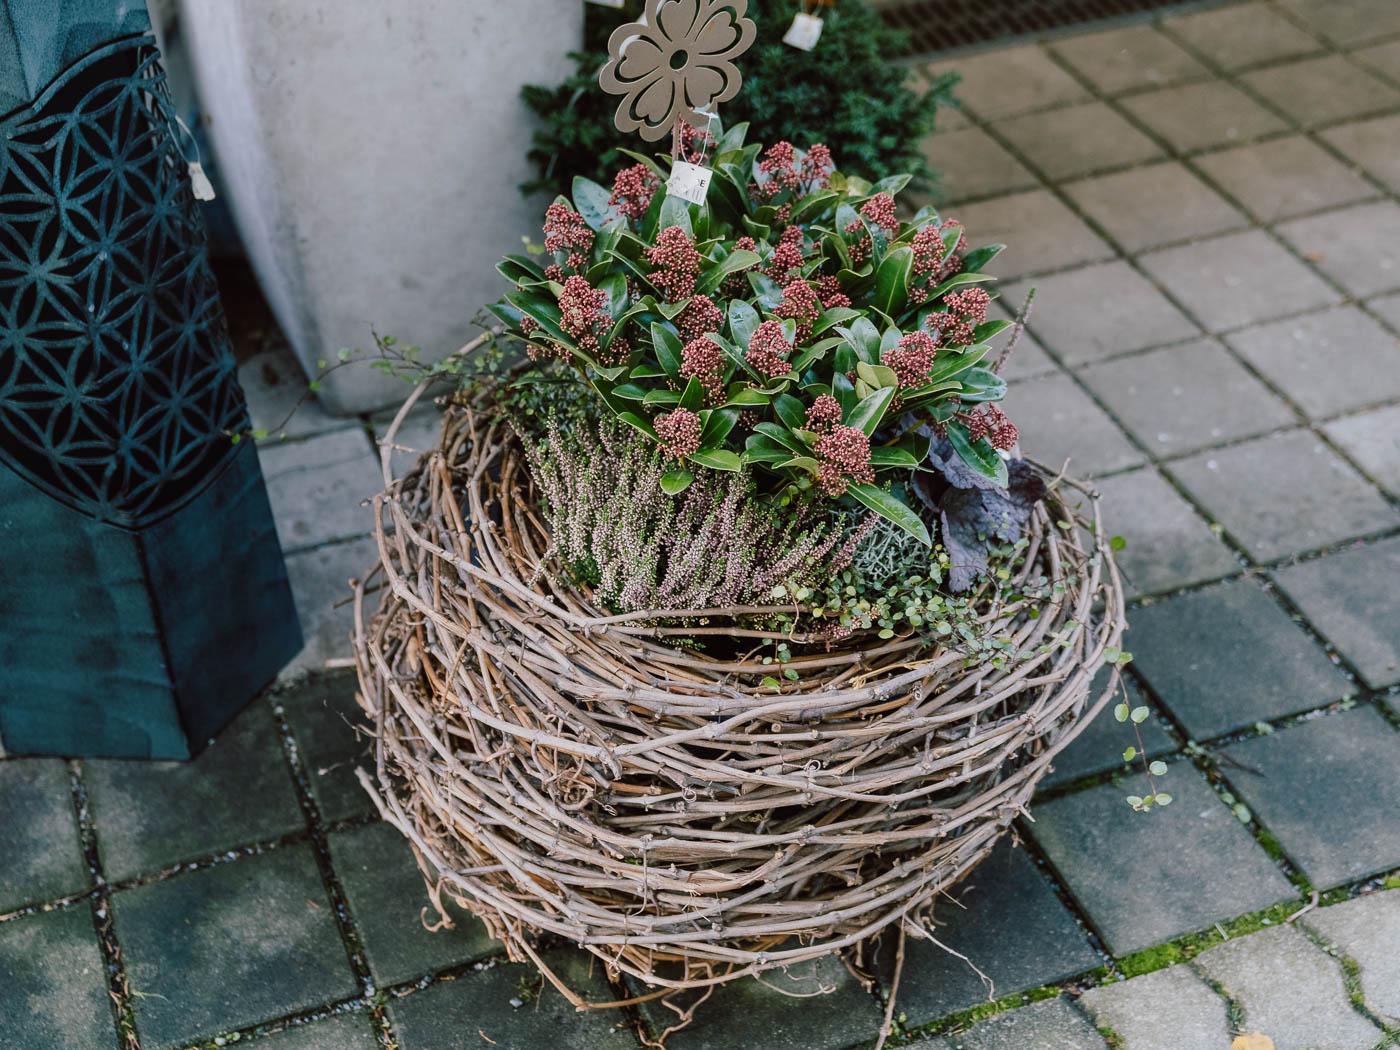 blumen-gaby-strohmeier-graz-saisonales-29